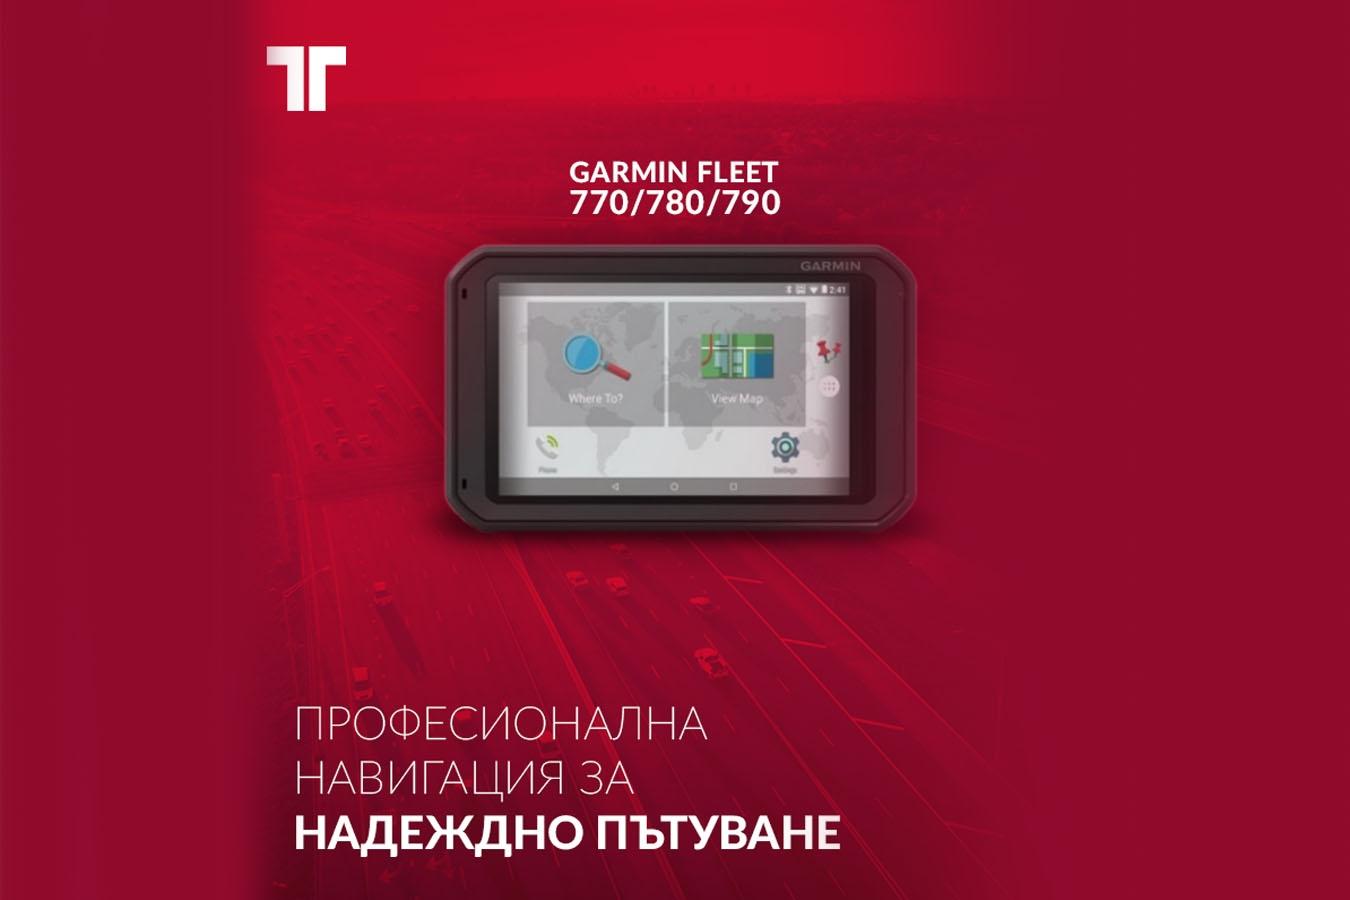 Професионална навигация за надеждно пътуване от Frotcom